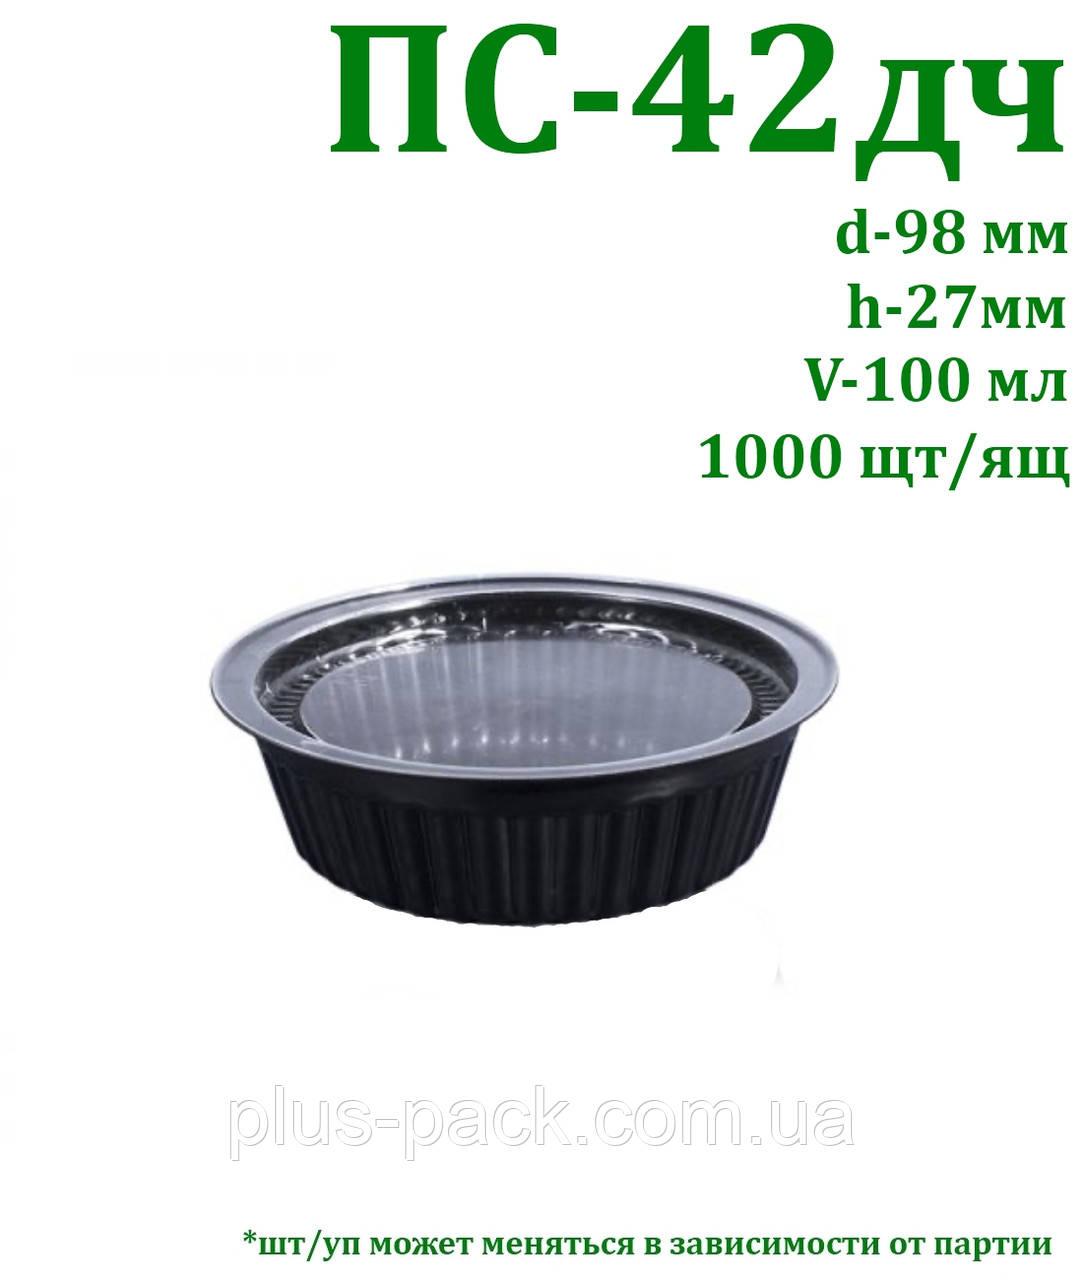 Соусник пластиковый, с черным дном